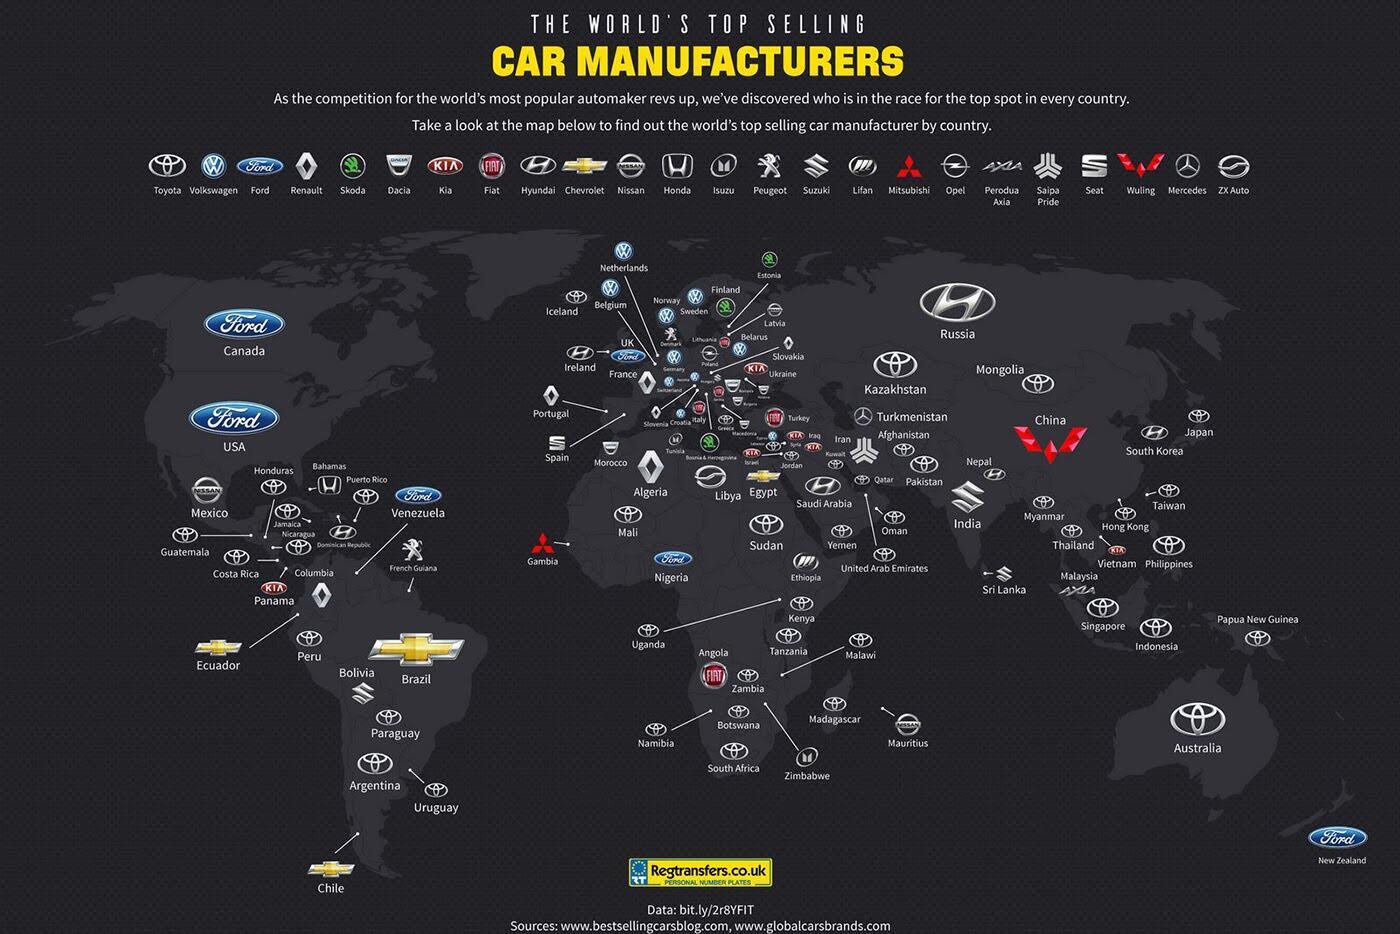 Toyota là hãng xe bán chạy nhất trên toàn thế giới - Hình 2